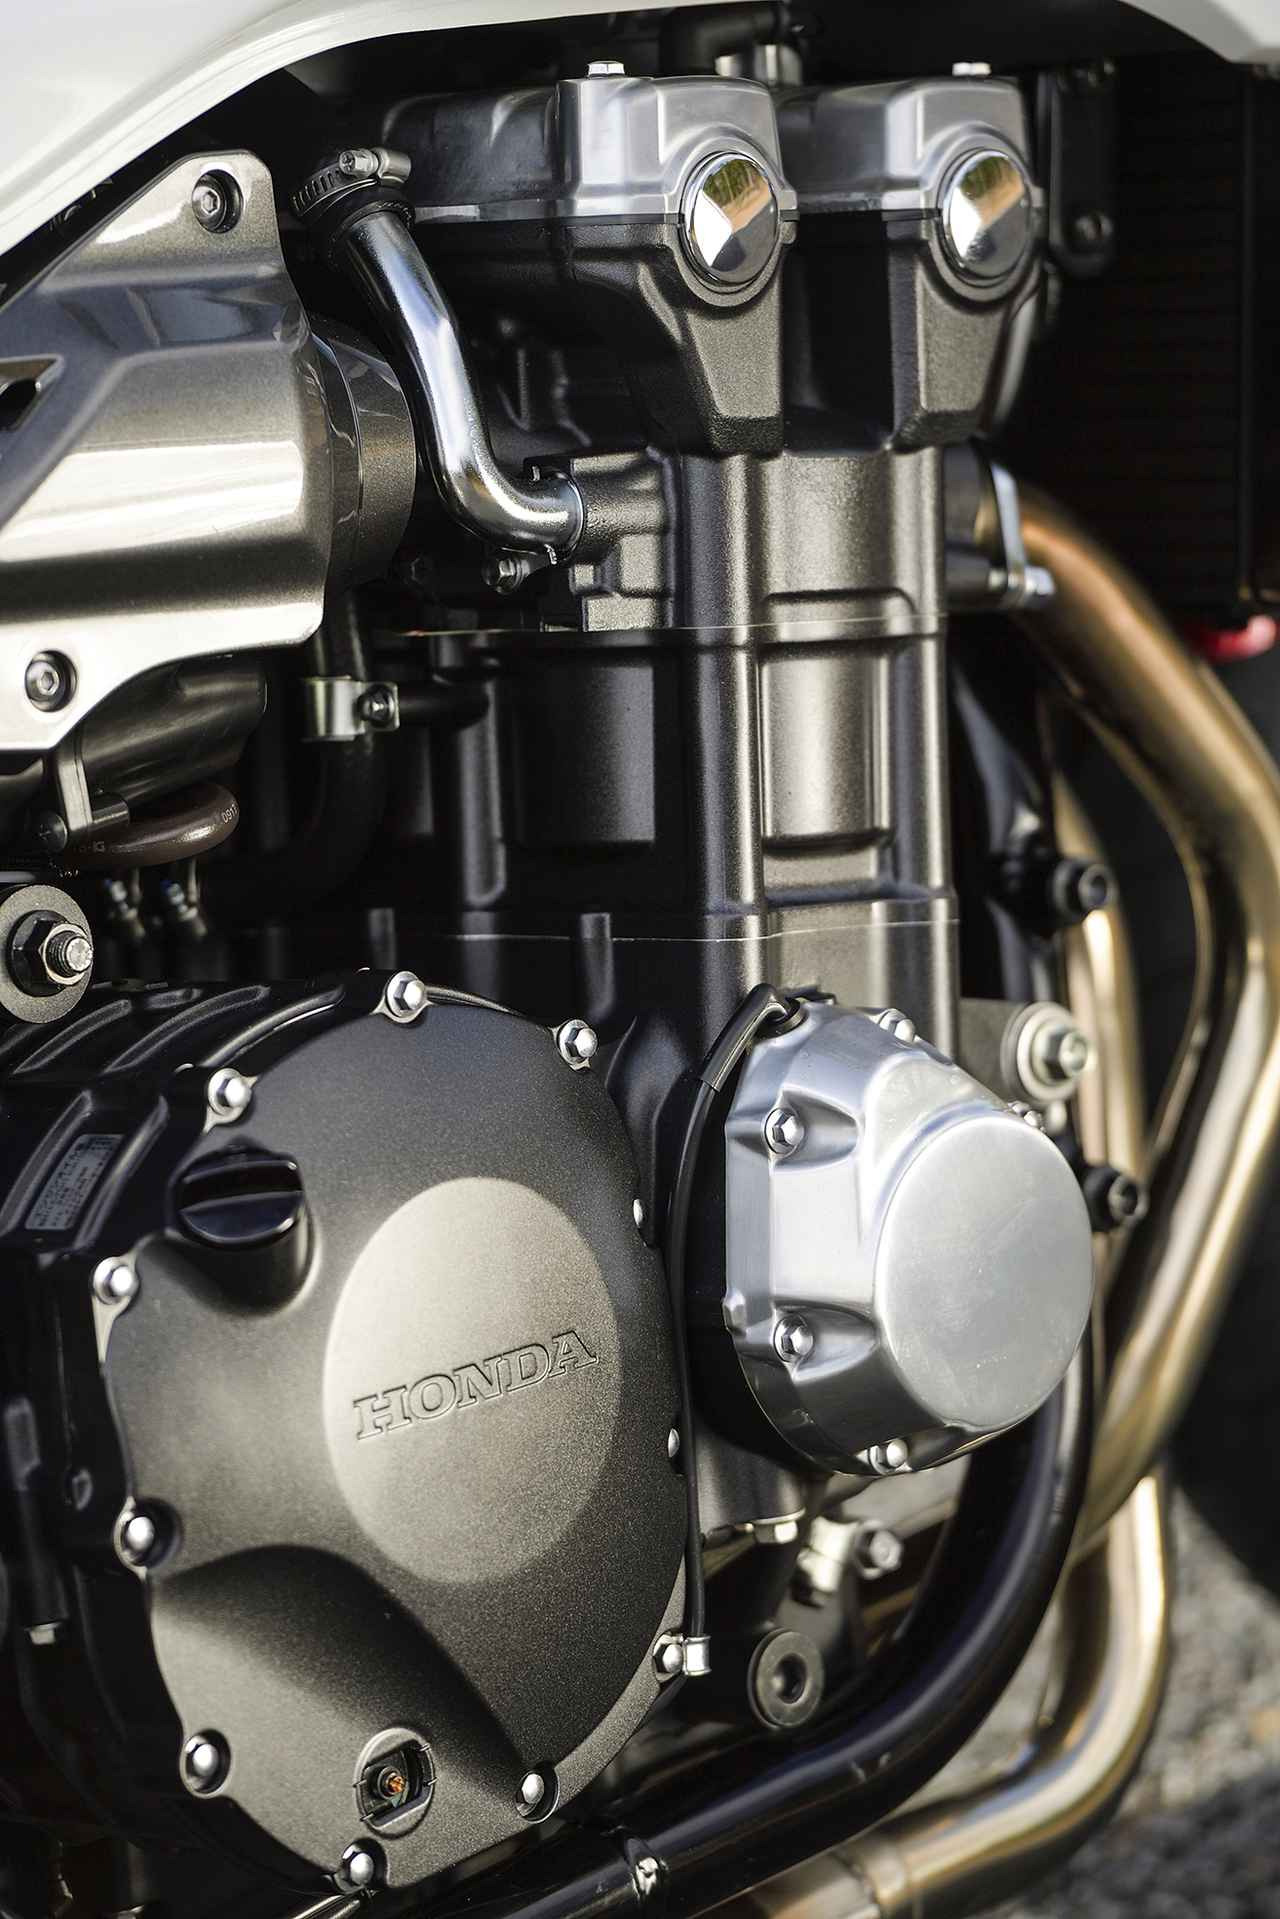 画像: 110馬力に引き上げられた最高出力を持つ直列4気筒エンジンがCB1300を象徴する。レスポンスも鋭くなり、全域に渡って力強さがアップ。すべての回転域がトルクバンド状態!